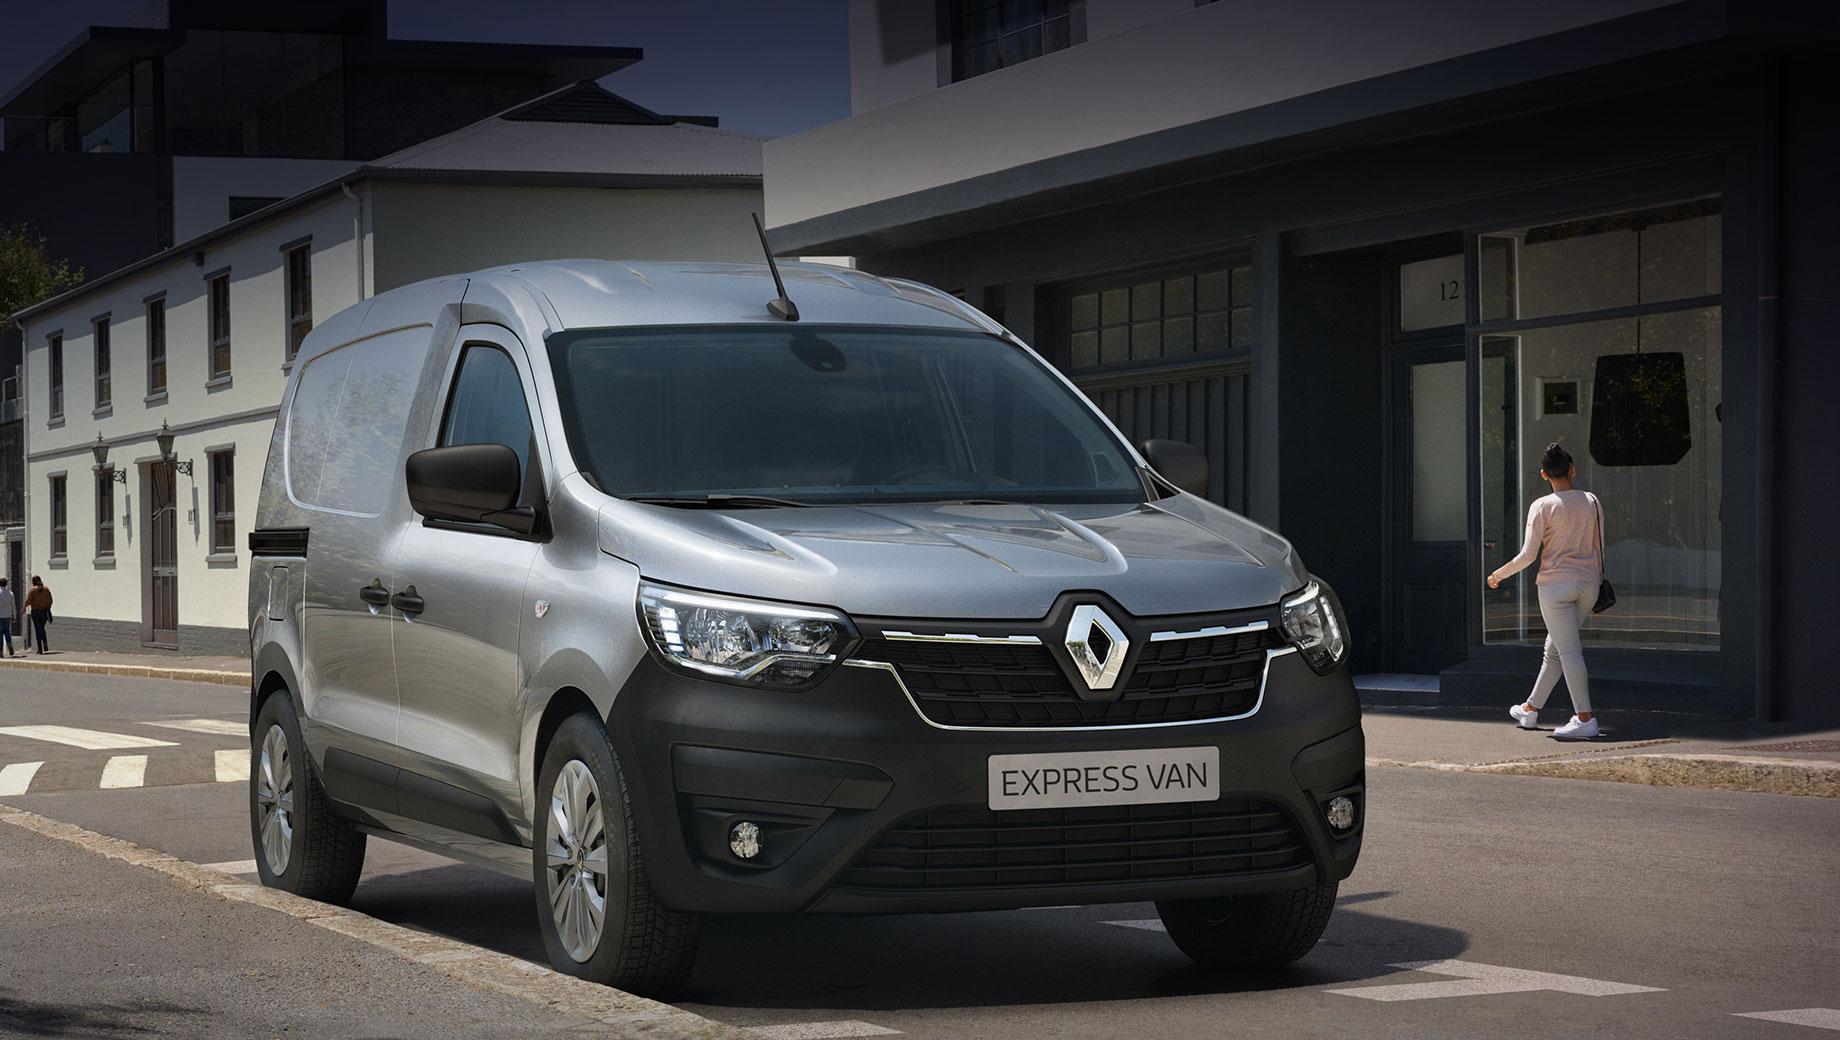 Renault express,Renault express van,Renault kangoo. По мнению Renault, фургон «отвечает основным потребностям профессионалов, ищущих наилучшее соотношение цены и качества, упрощает повседневную жизнь». Грузоподъёмность бензинового Экспресса — 780 кг, дизельного — 650. Предусмотрено пять цветов кузова.